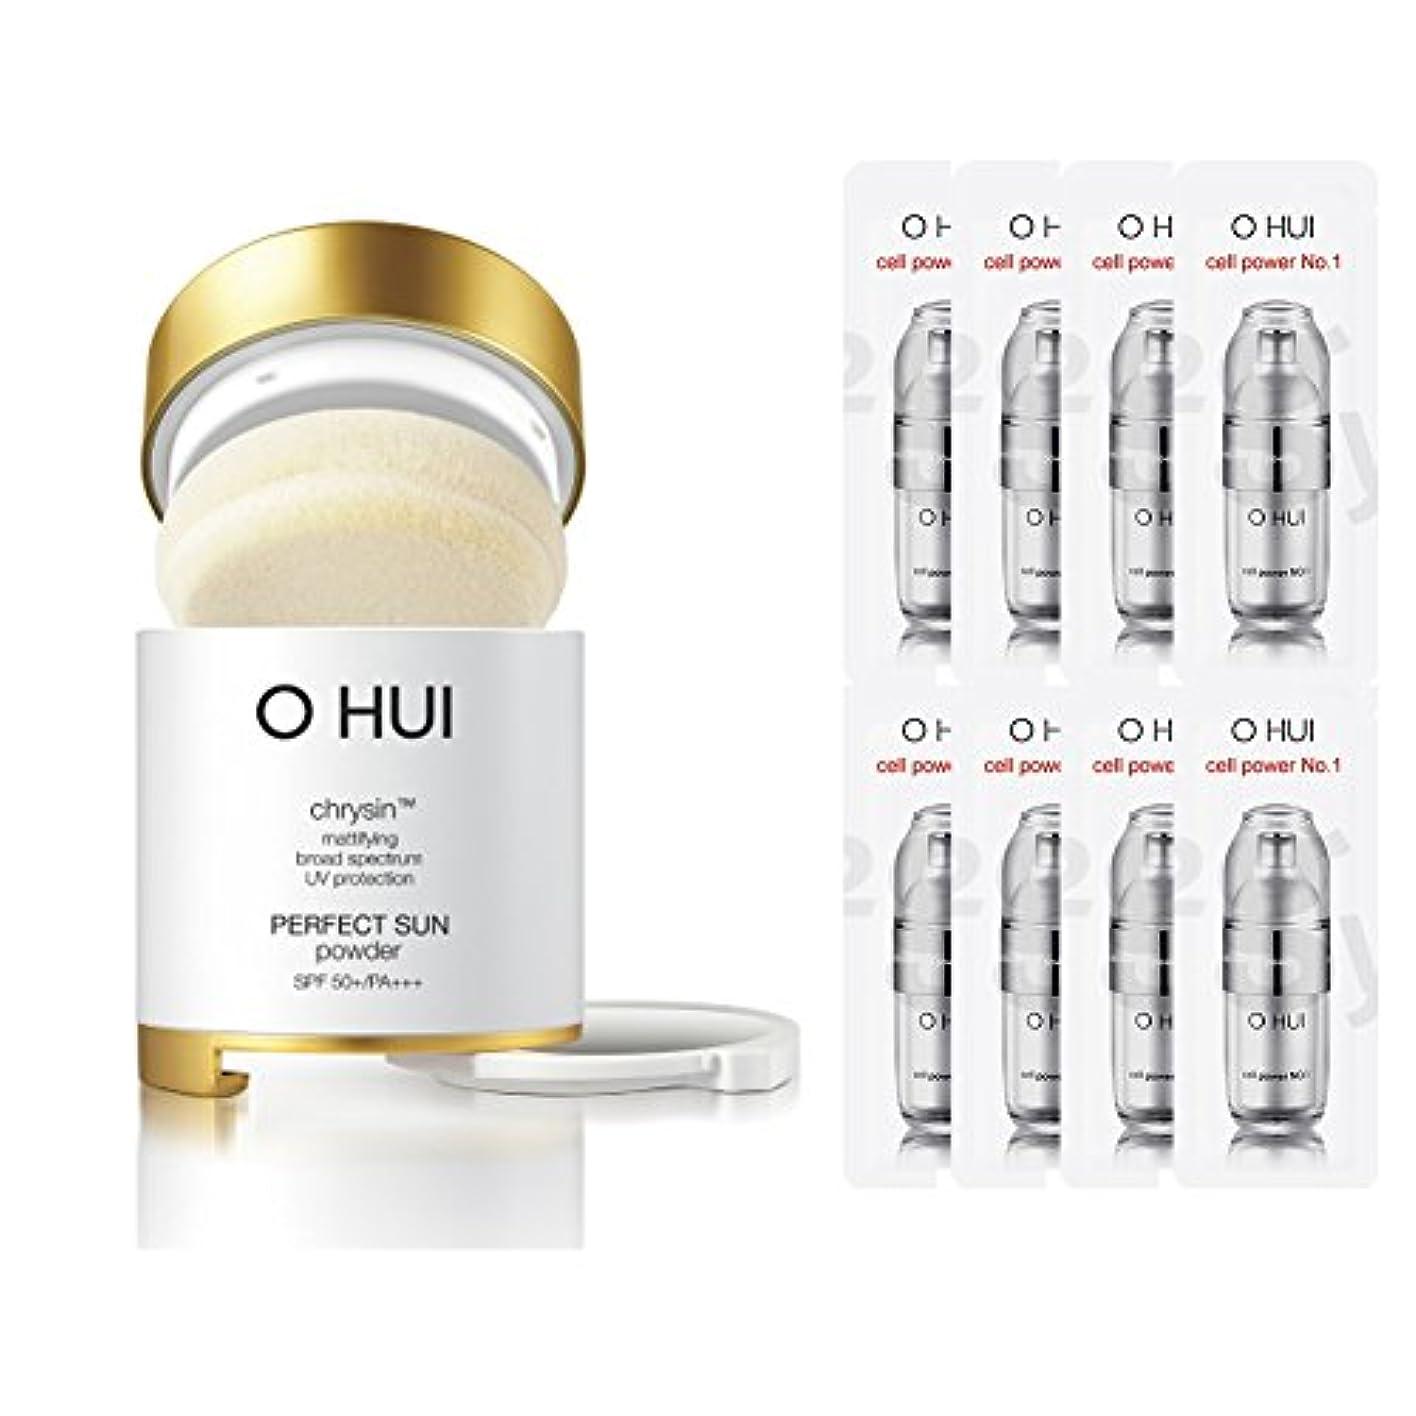 主導権心理的にしつけOHUI/オフィ2015年 パーフェクトサンパウダー (OHUI Version Perfect Sun Powder SPF50++PA+++ Special Gift set) スポット [海外直送品] (2号ベージュ)